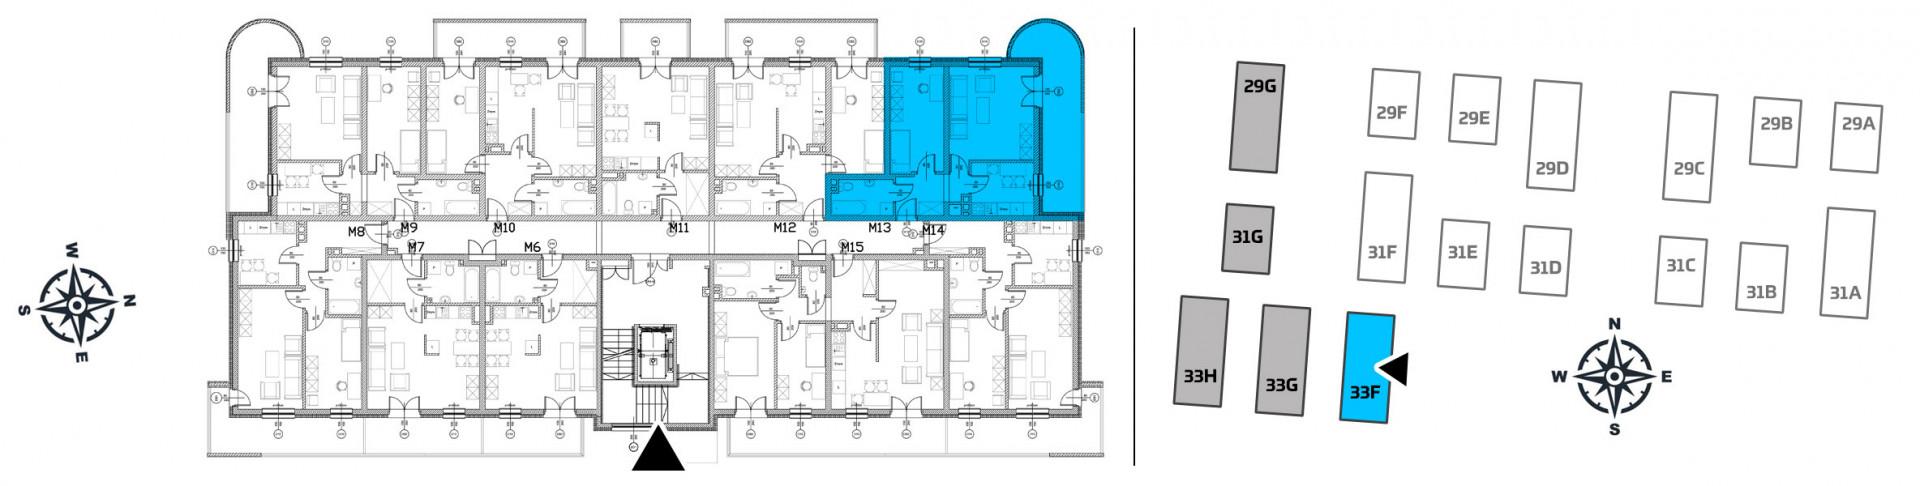 Mieszkanie dwupokojowe 33F/13 rzut 2